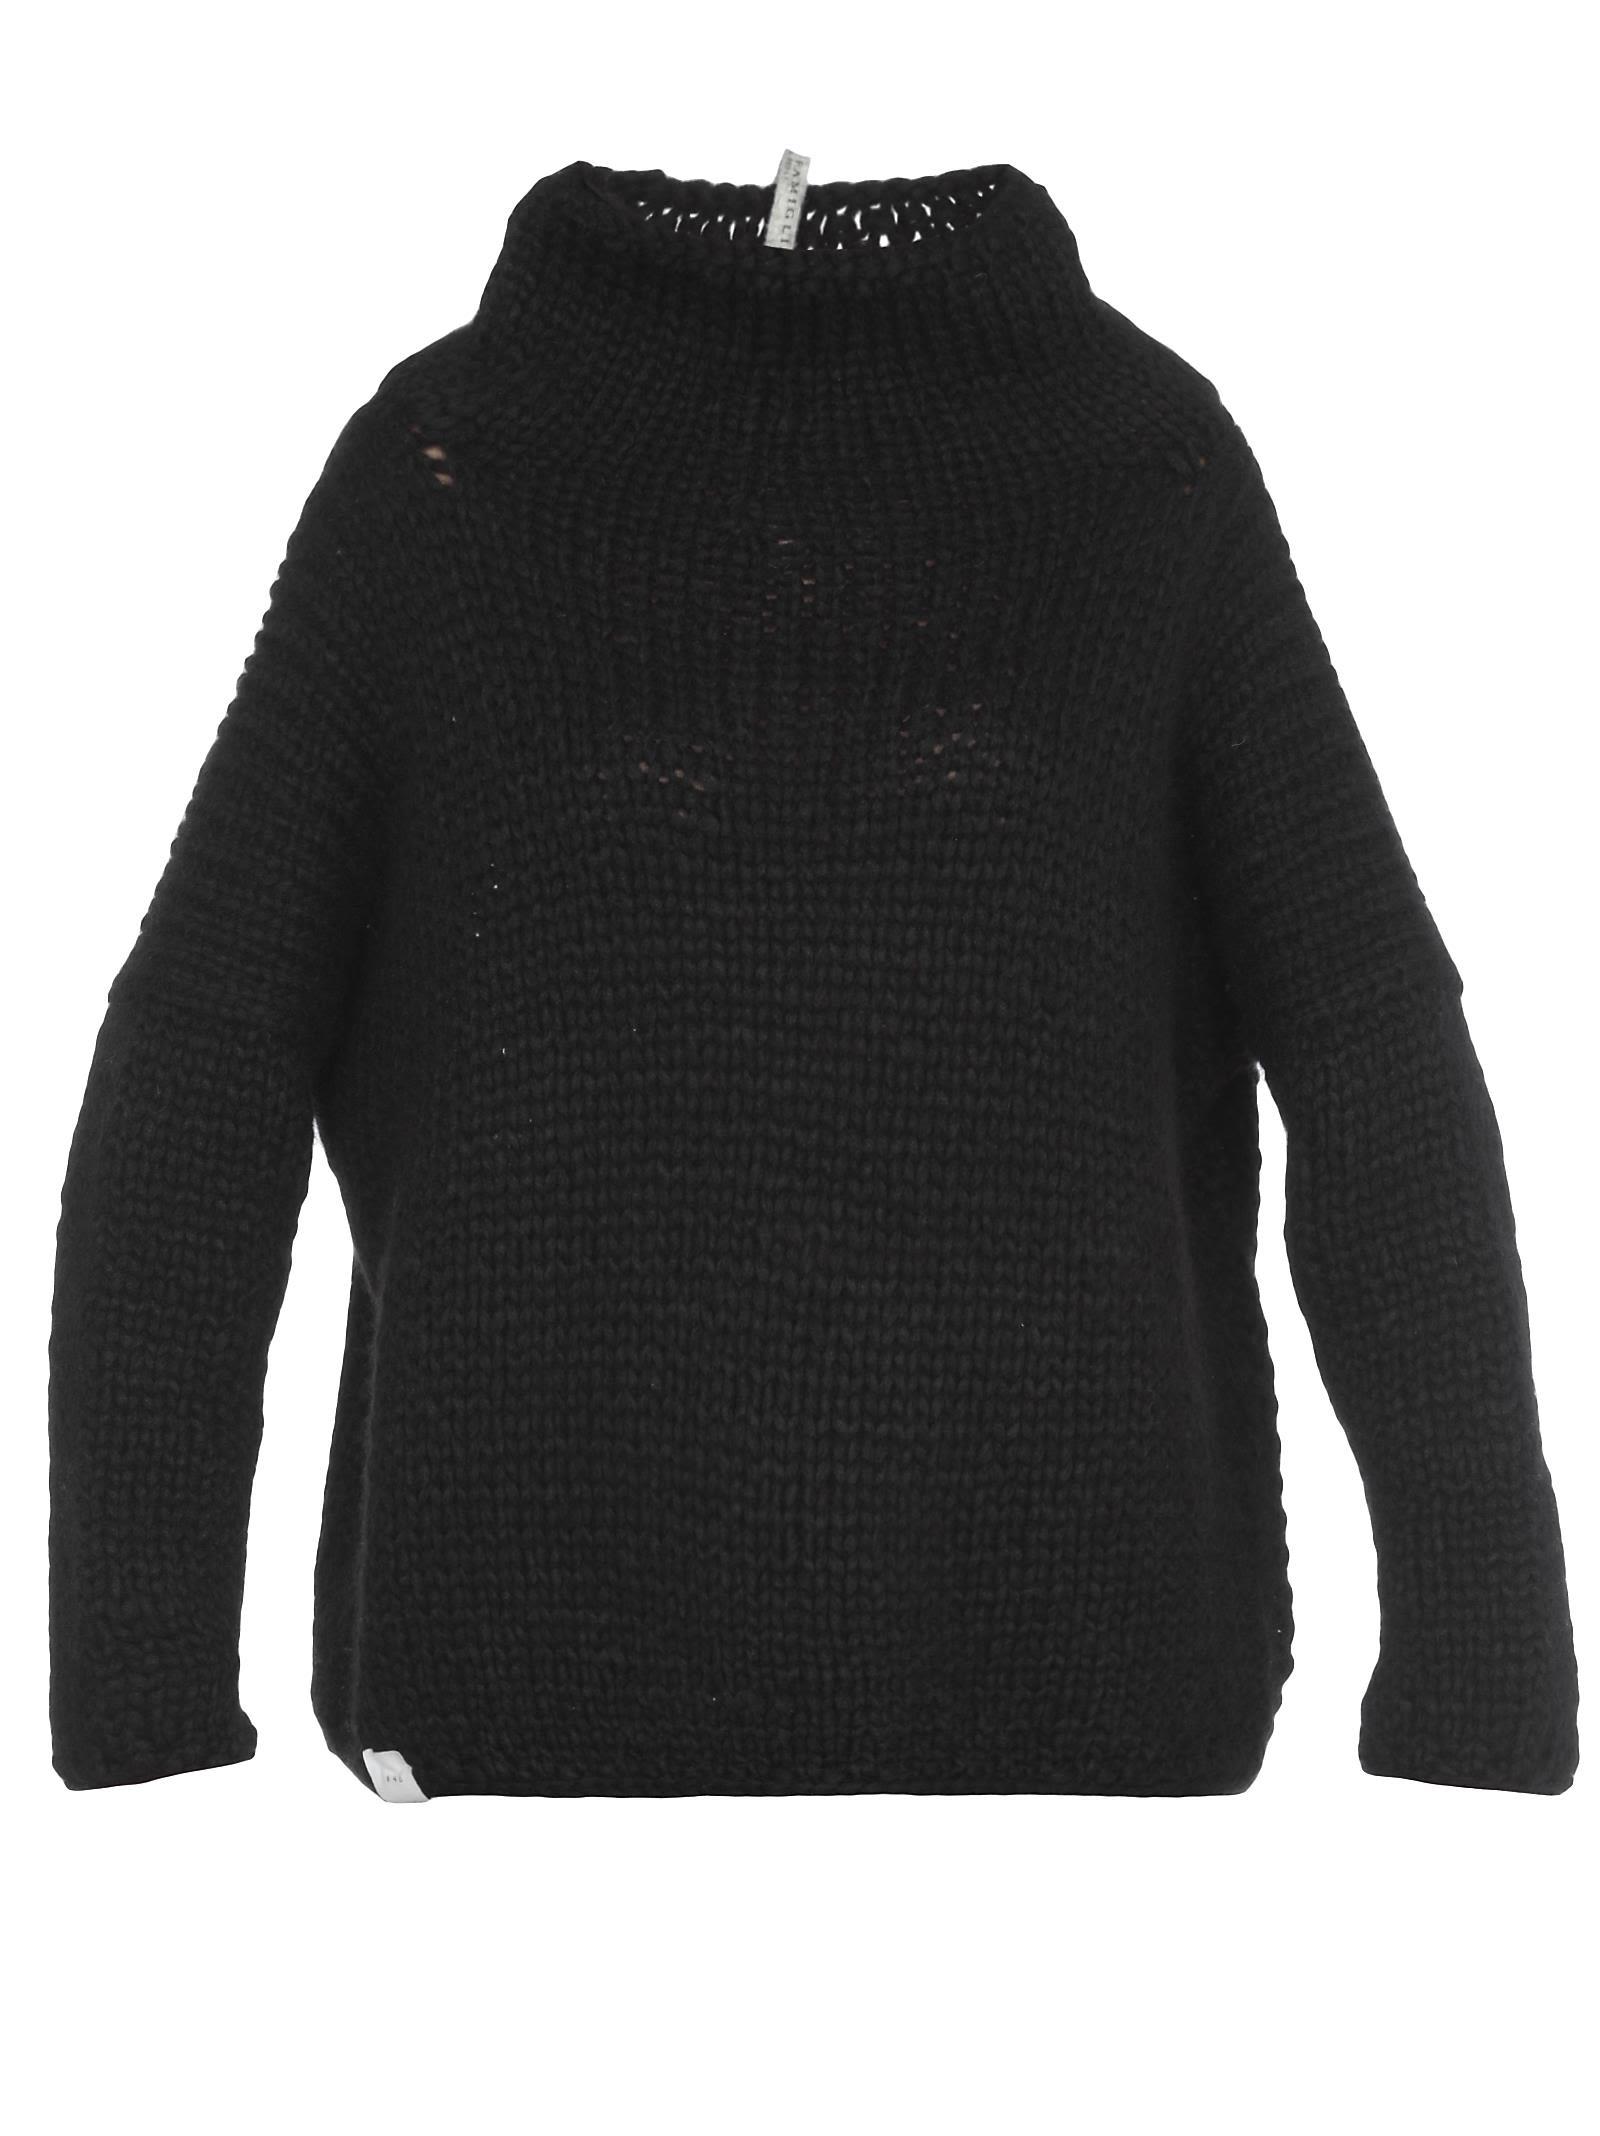 ALBUM DI FAMIGLIA Wool Sweater in Black